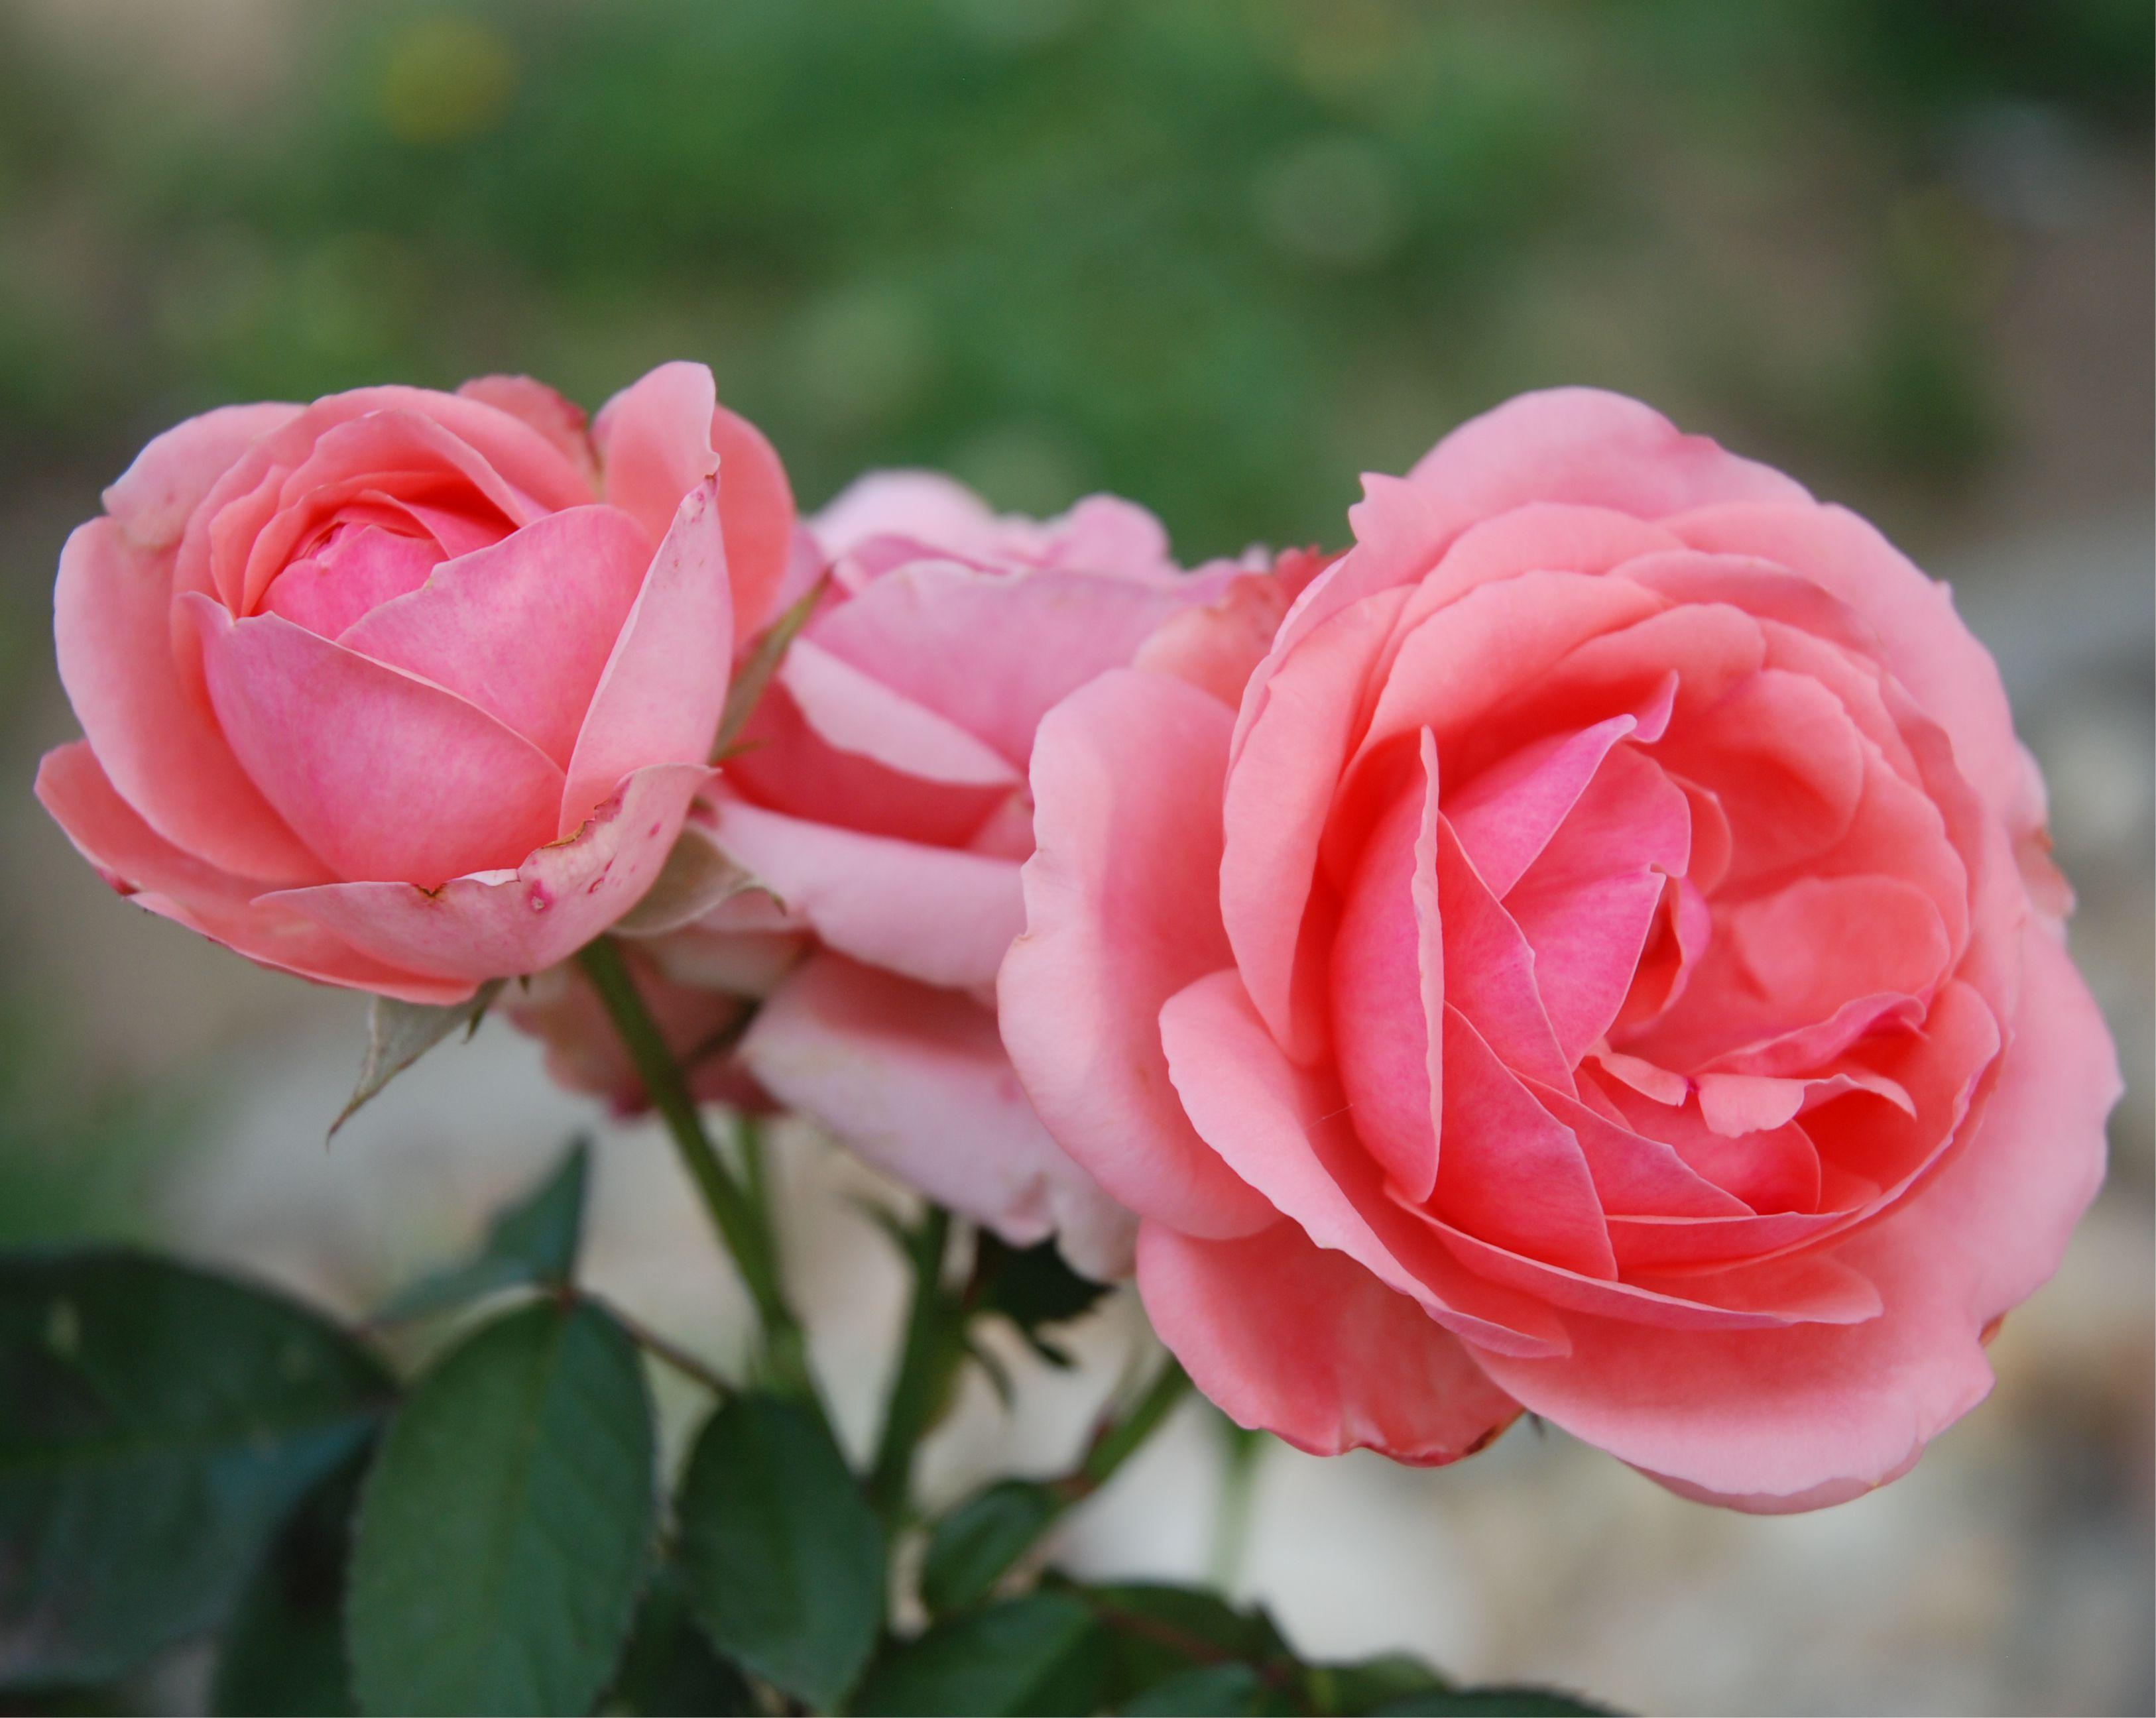 Számomra a rózsaszín az a virágszín, amit minden égtájon el tudok képzelni